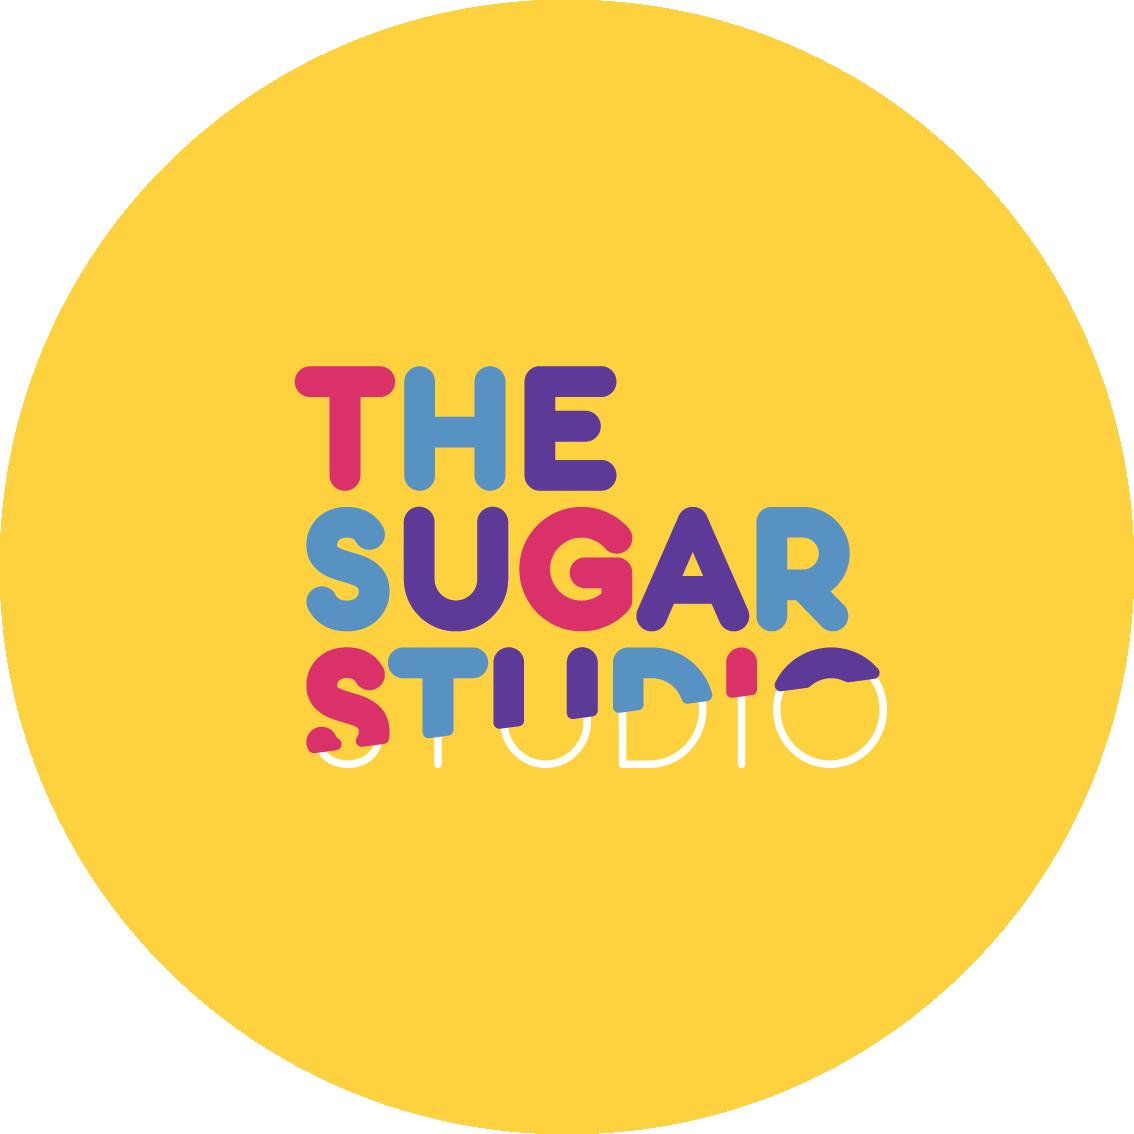 thesugarstudio.co.uk